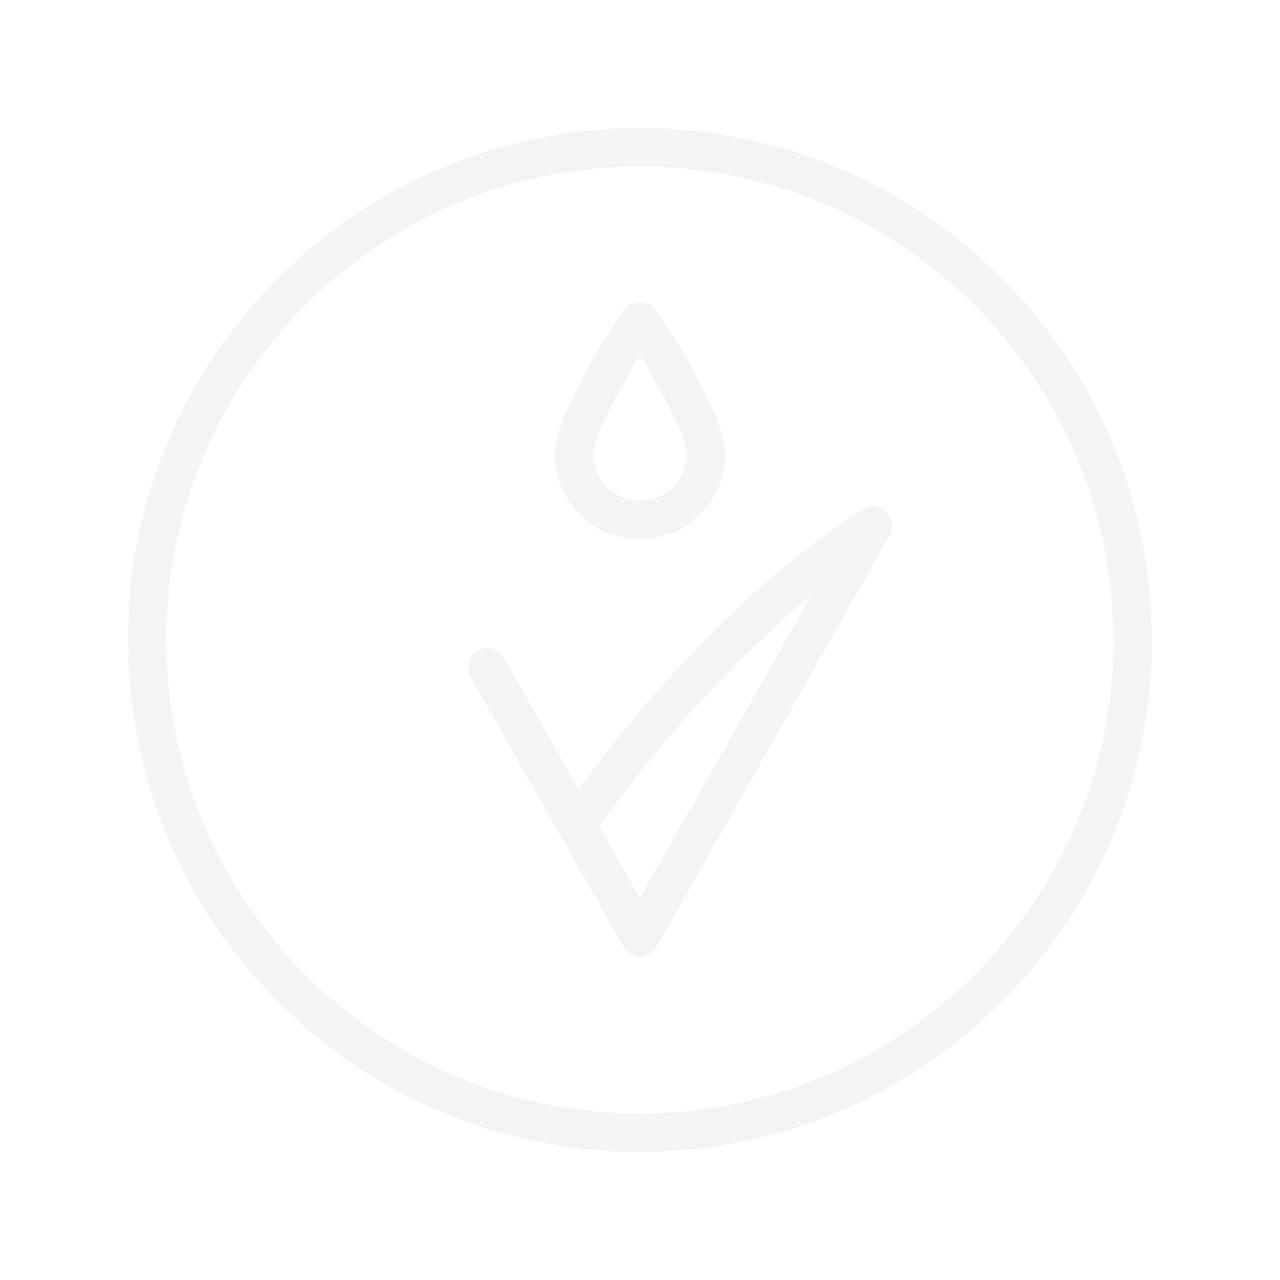 Giorgio Armani Code for Men Deodorant Stick 75ml